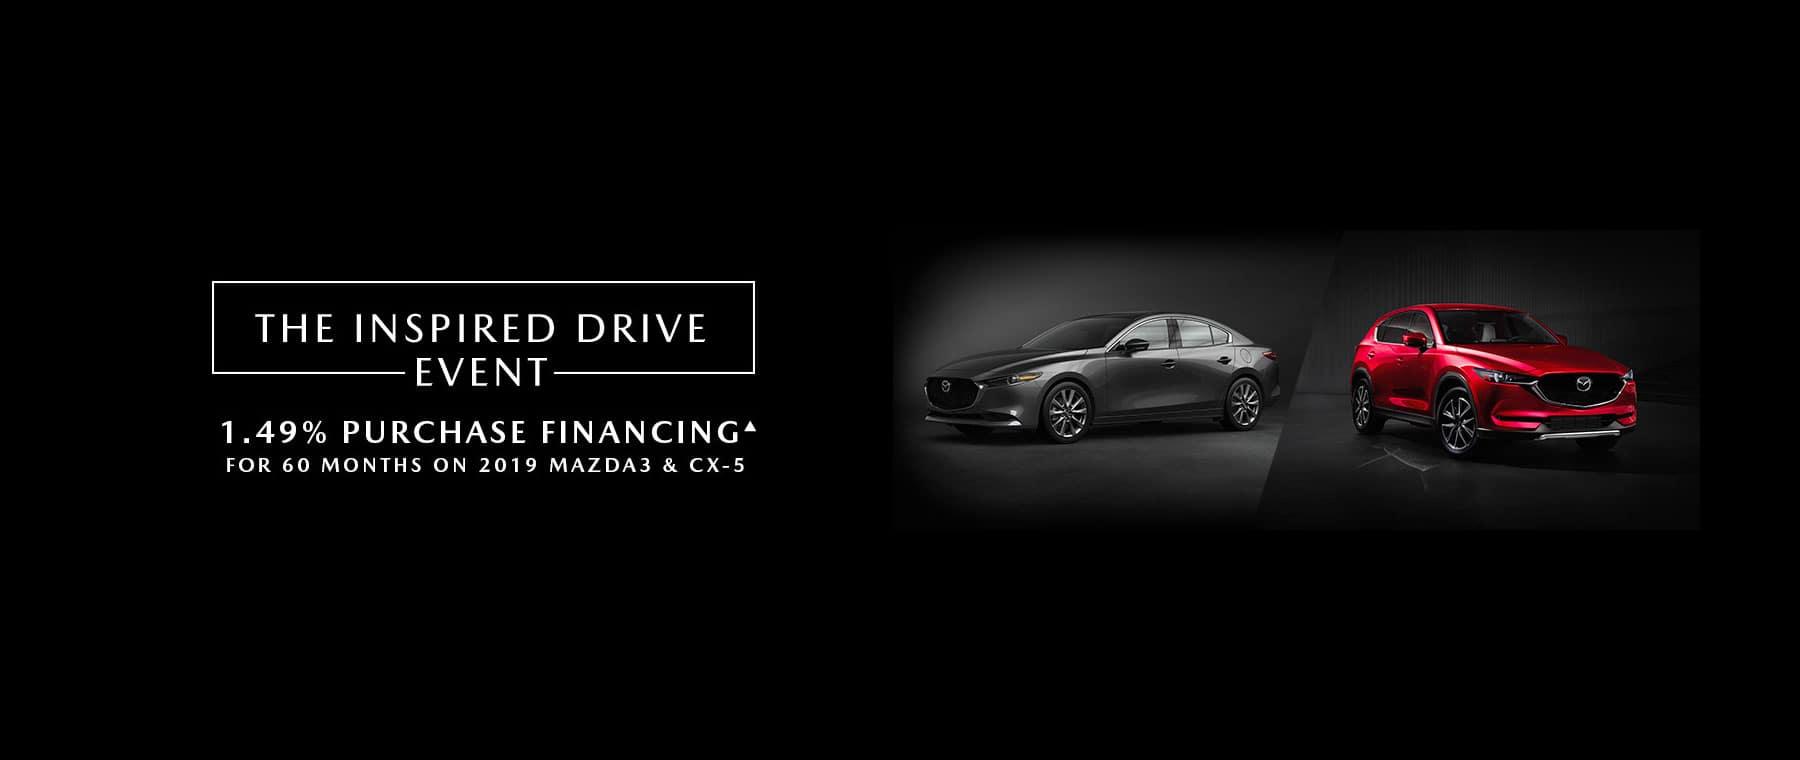 inspired-drive-cx-5-mazda3